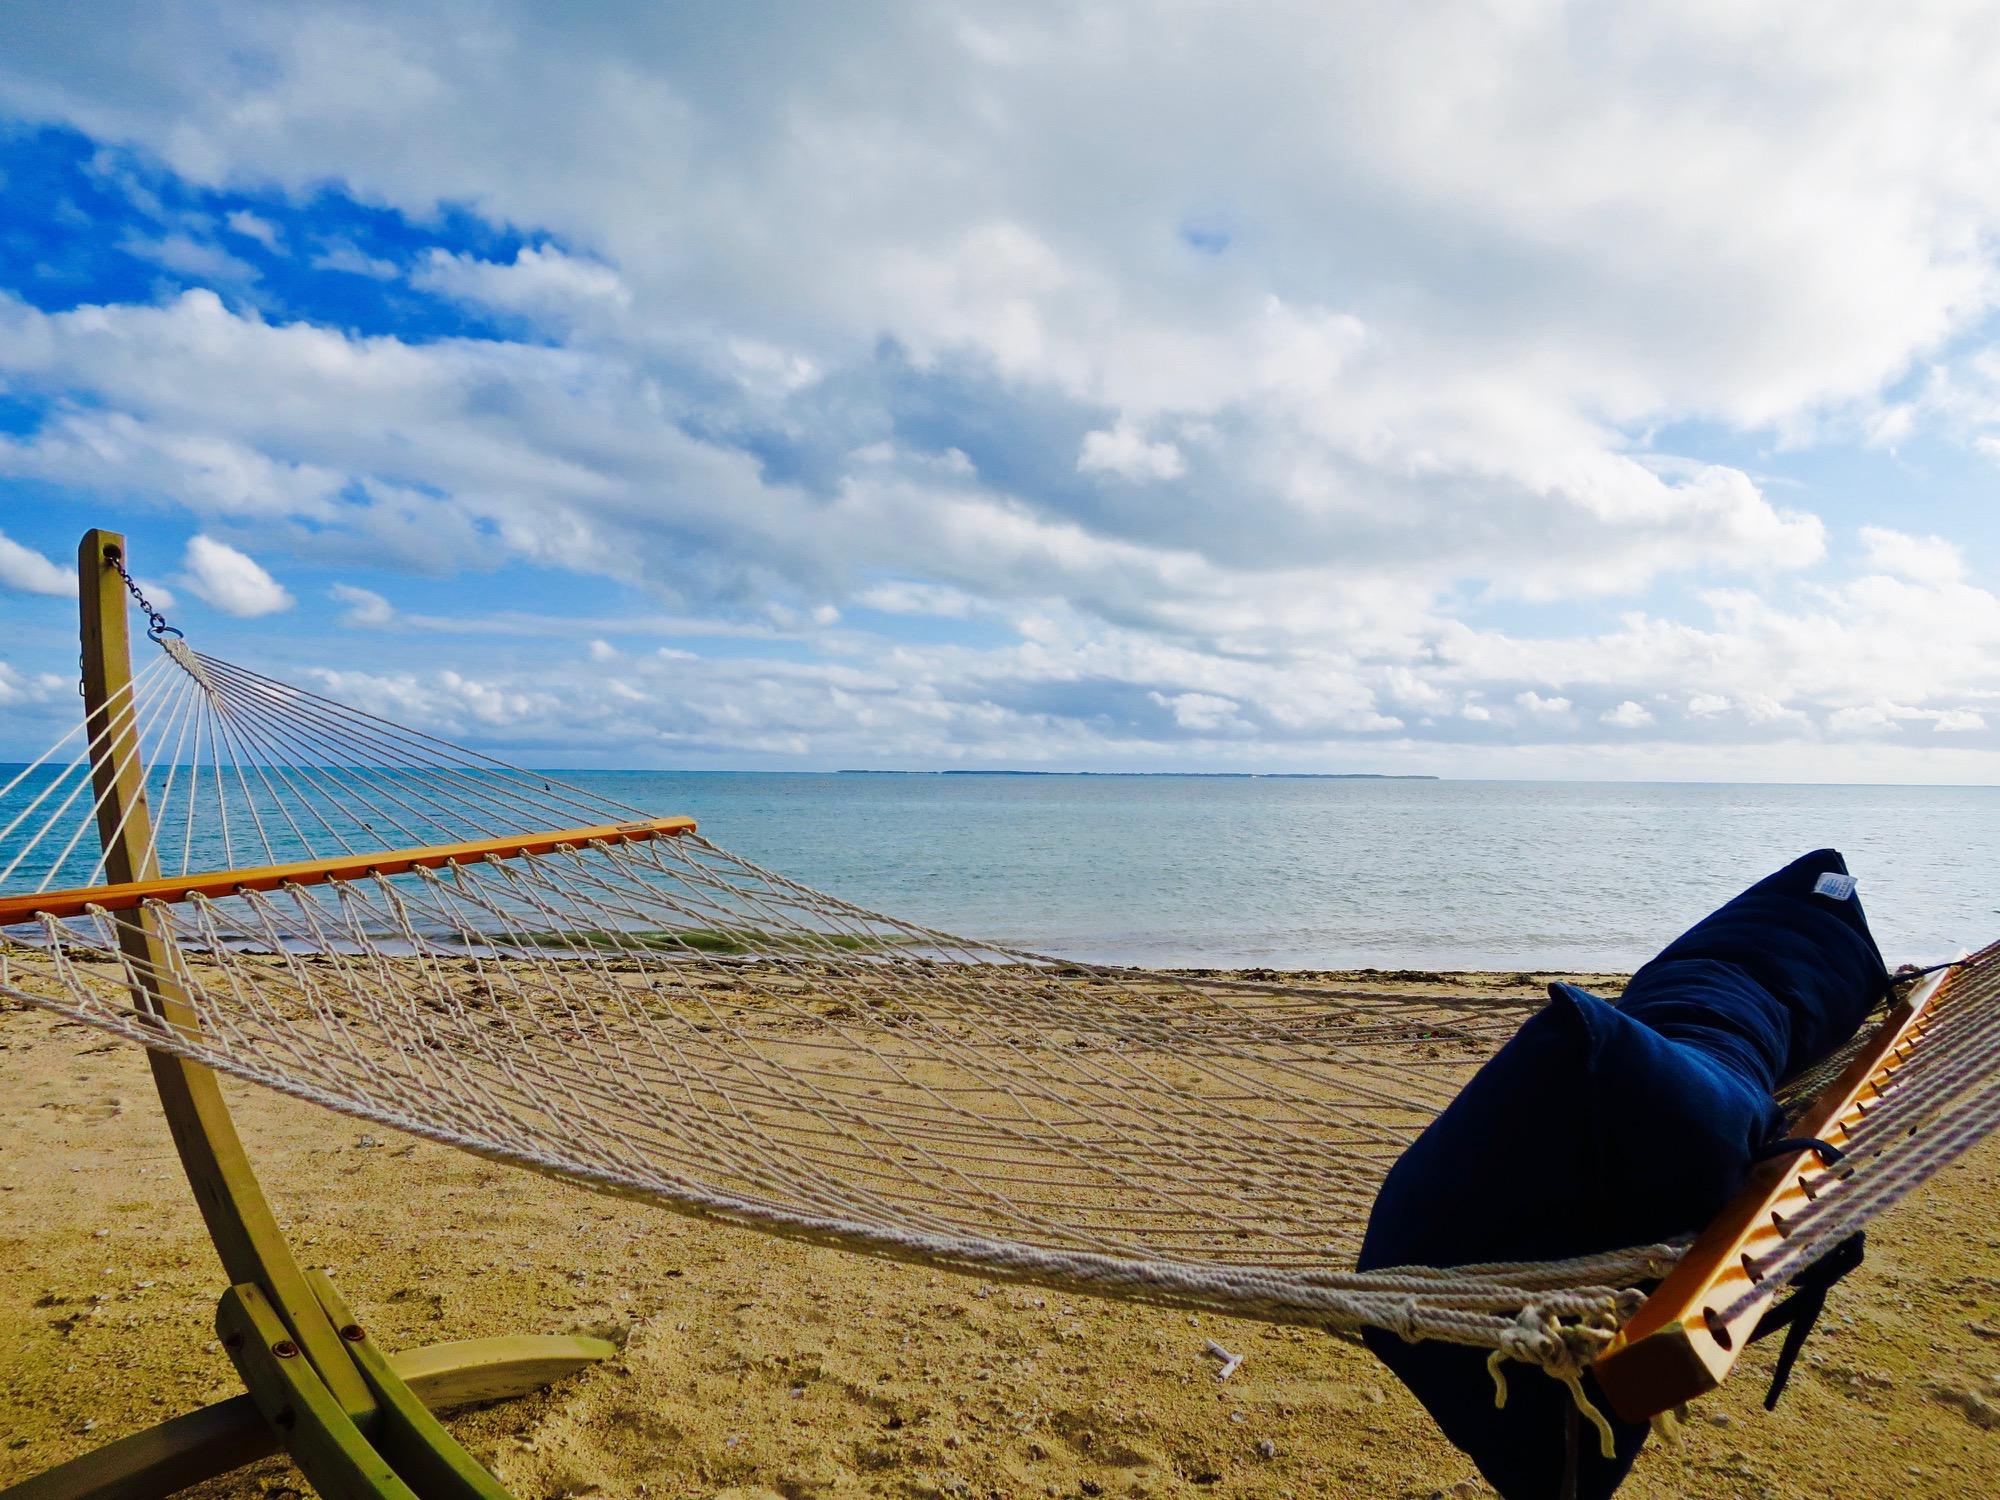 砂浜にハンモック